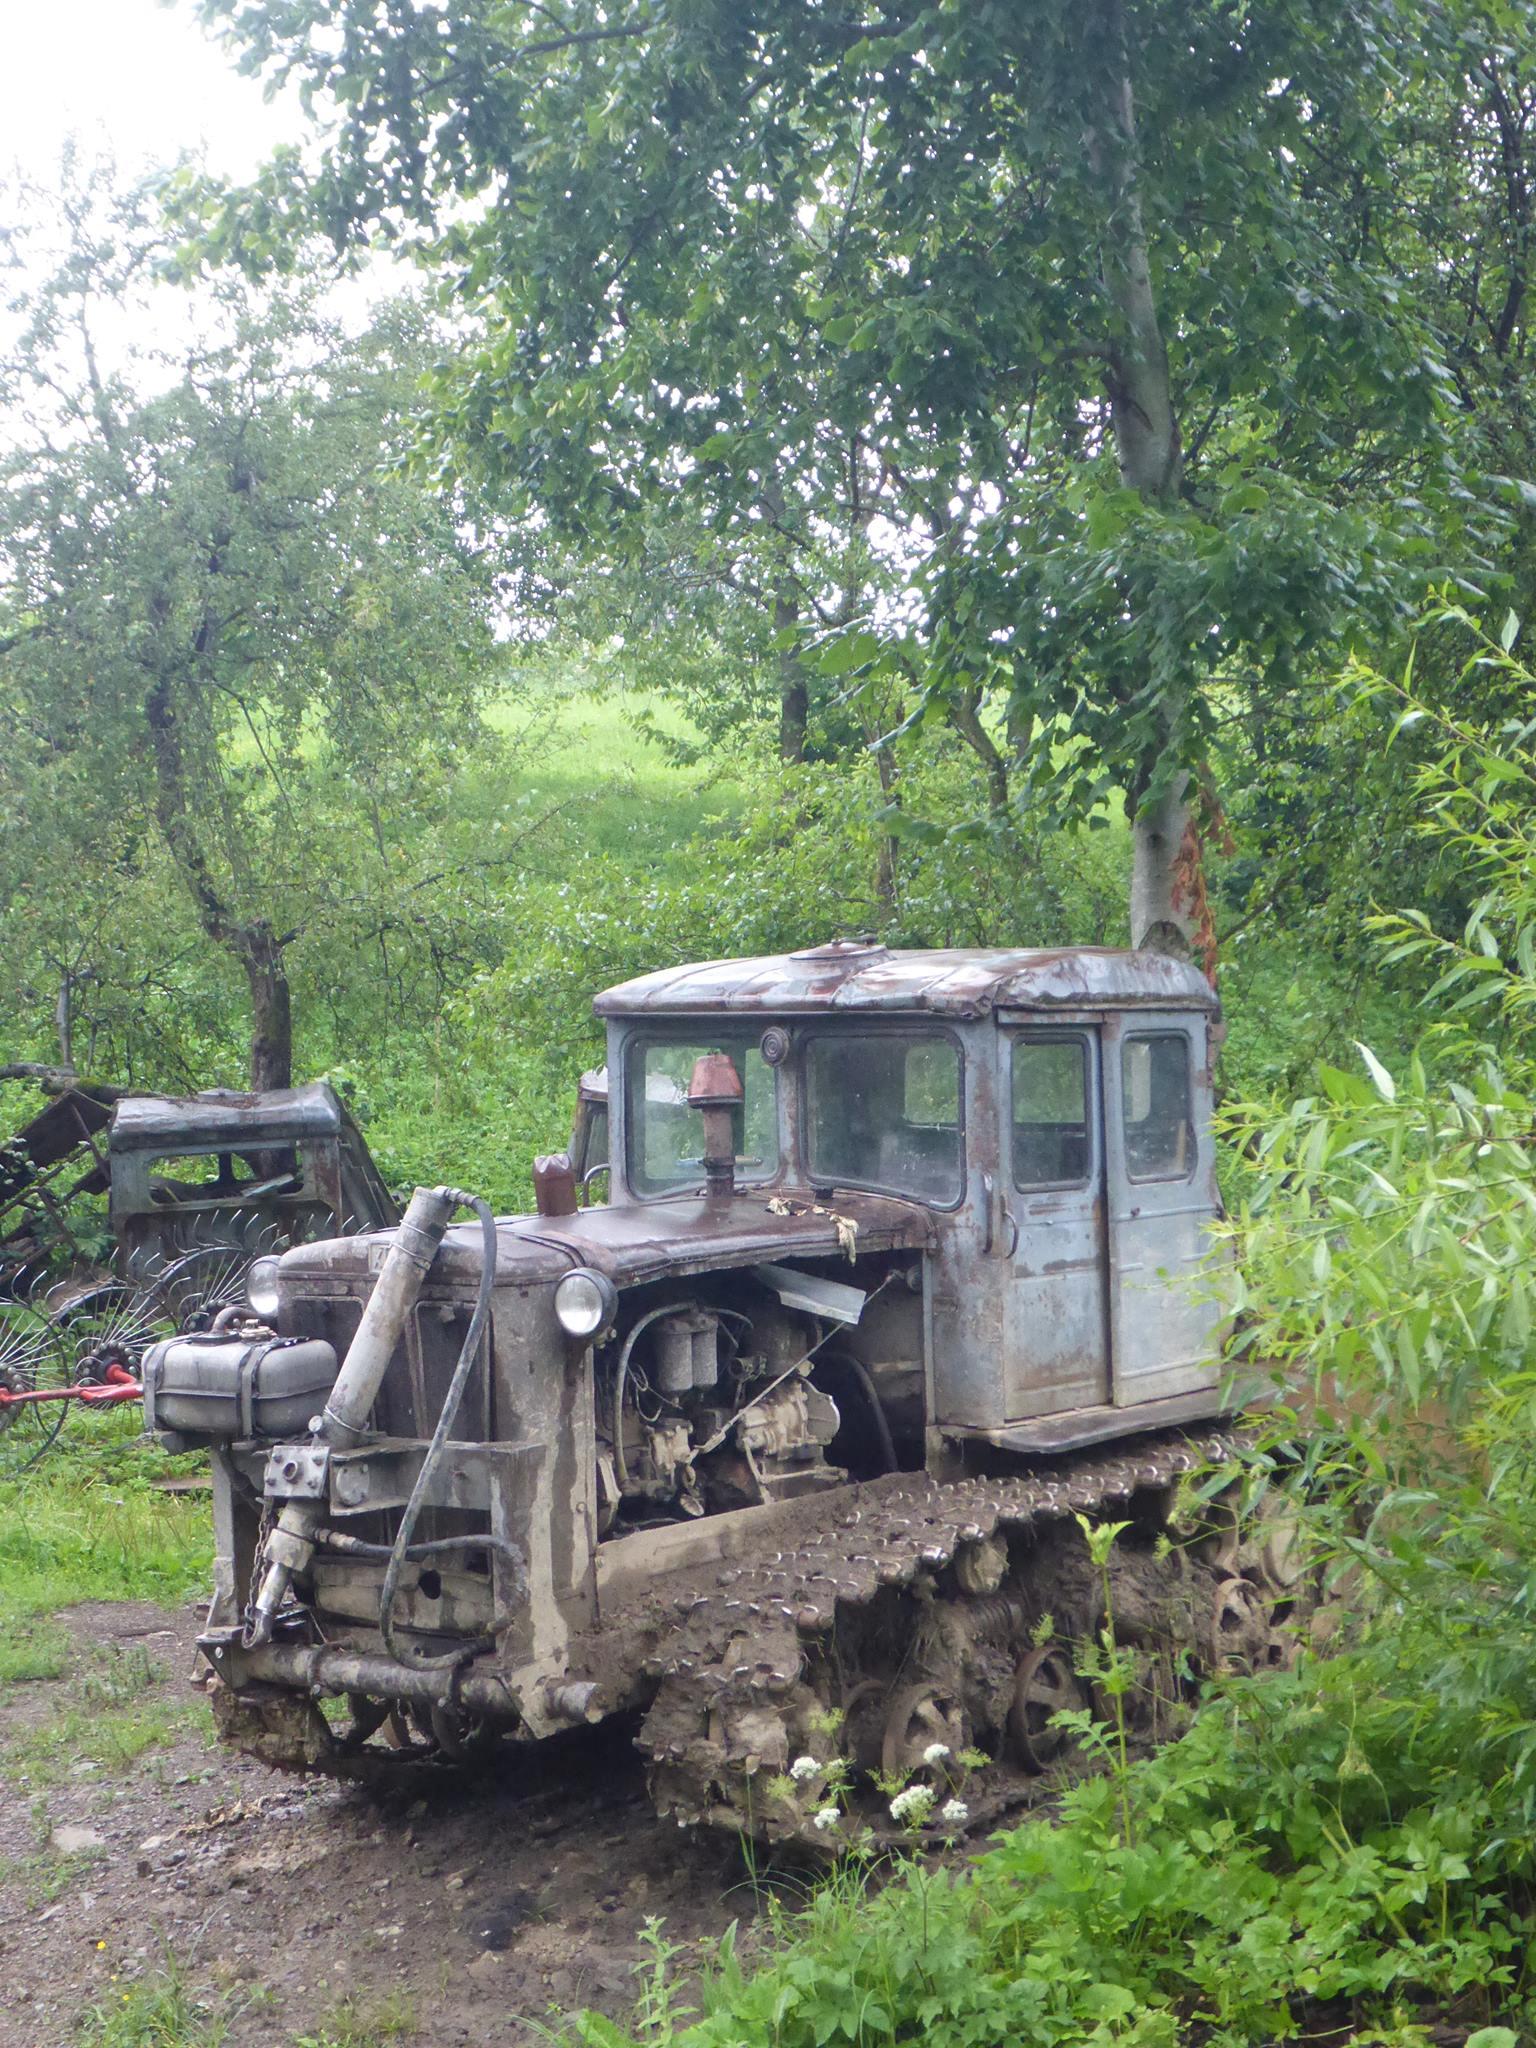 L'Ukraine semble avoir conserver un attrait tout particulier pour les véhicules datant de l'ère soviétique